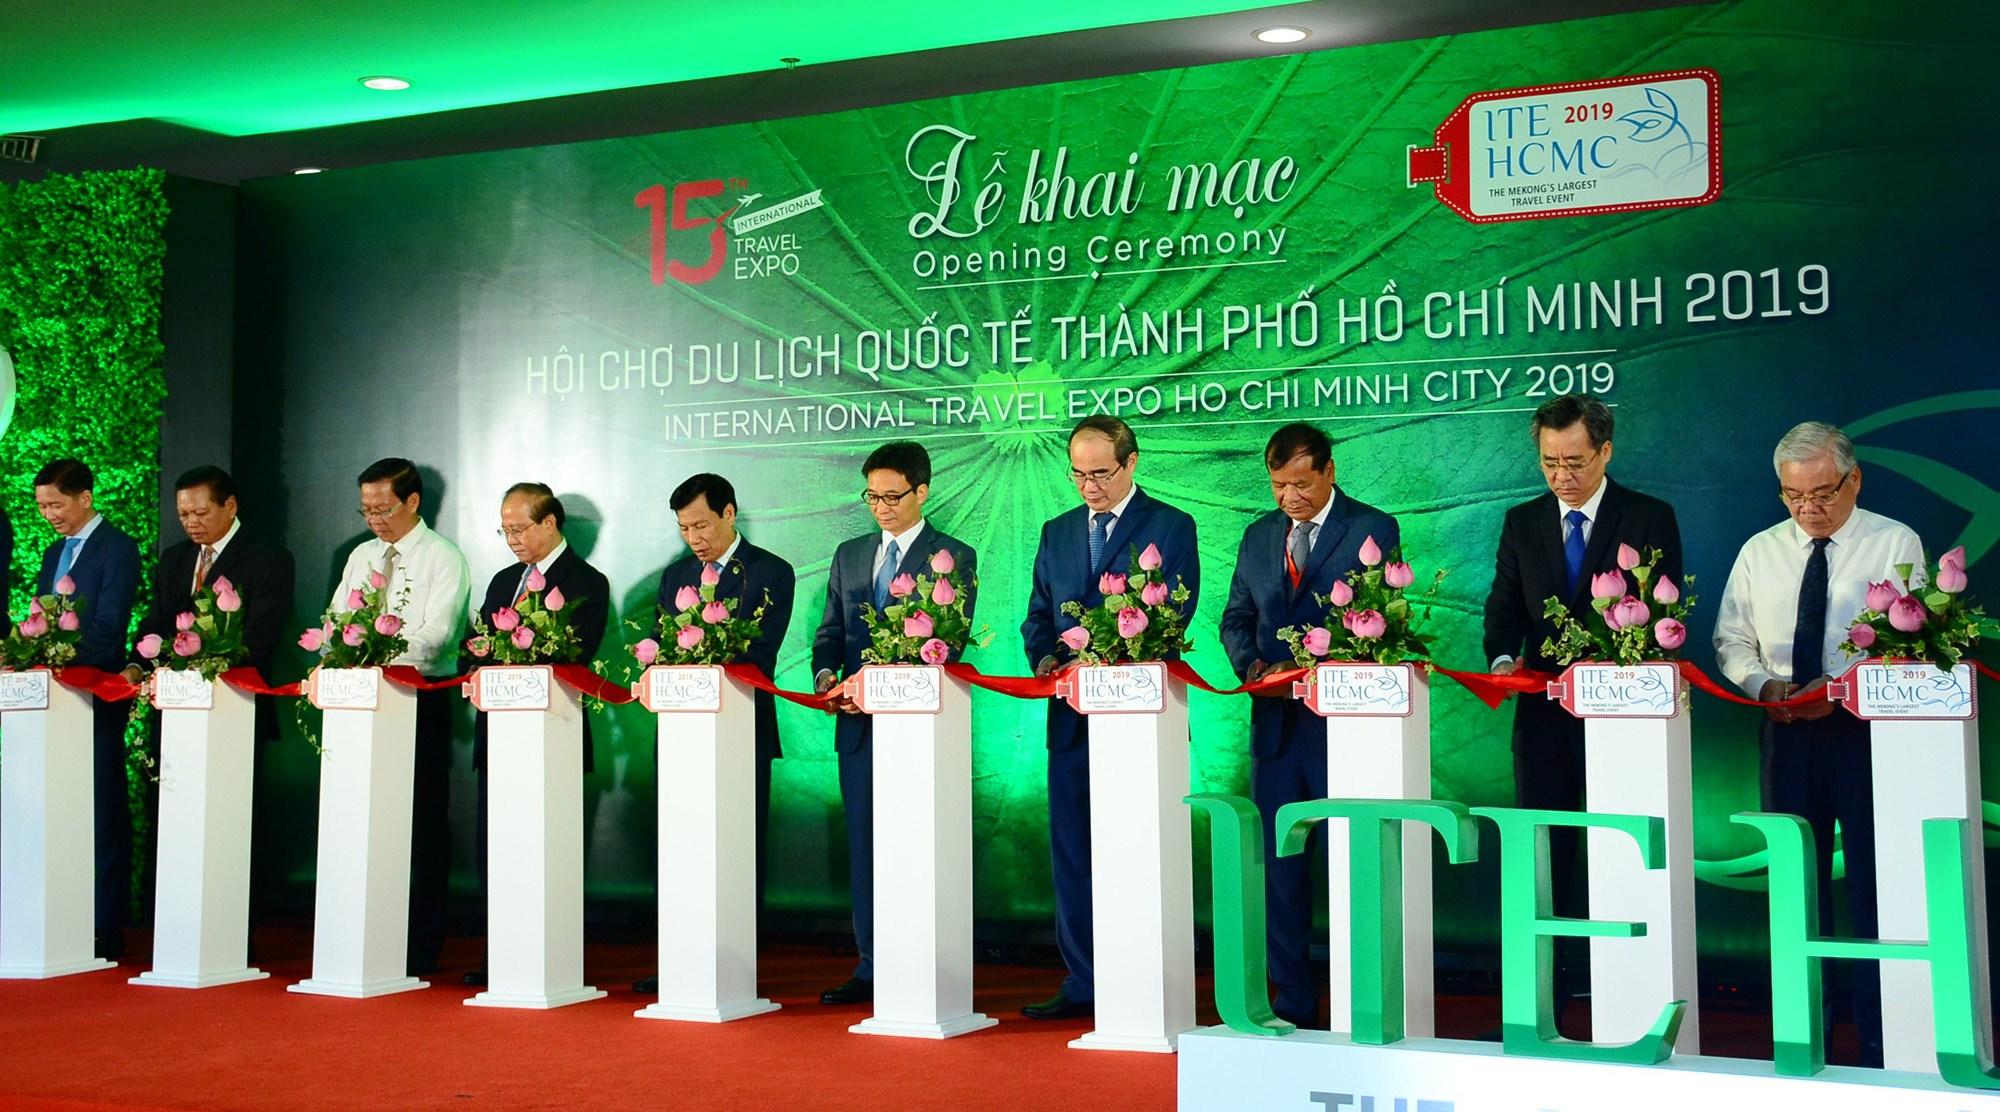 2019年第15届胡志明市国际旅游博览会隆重开展